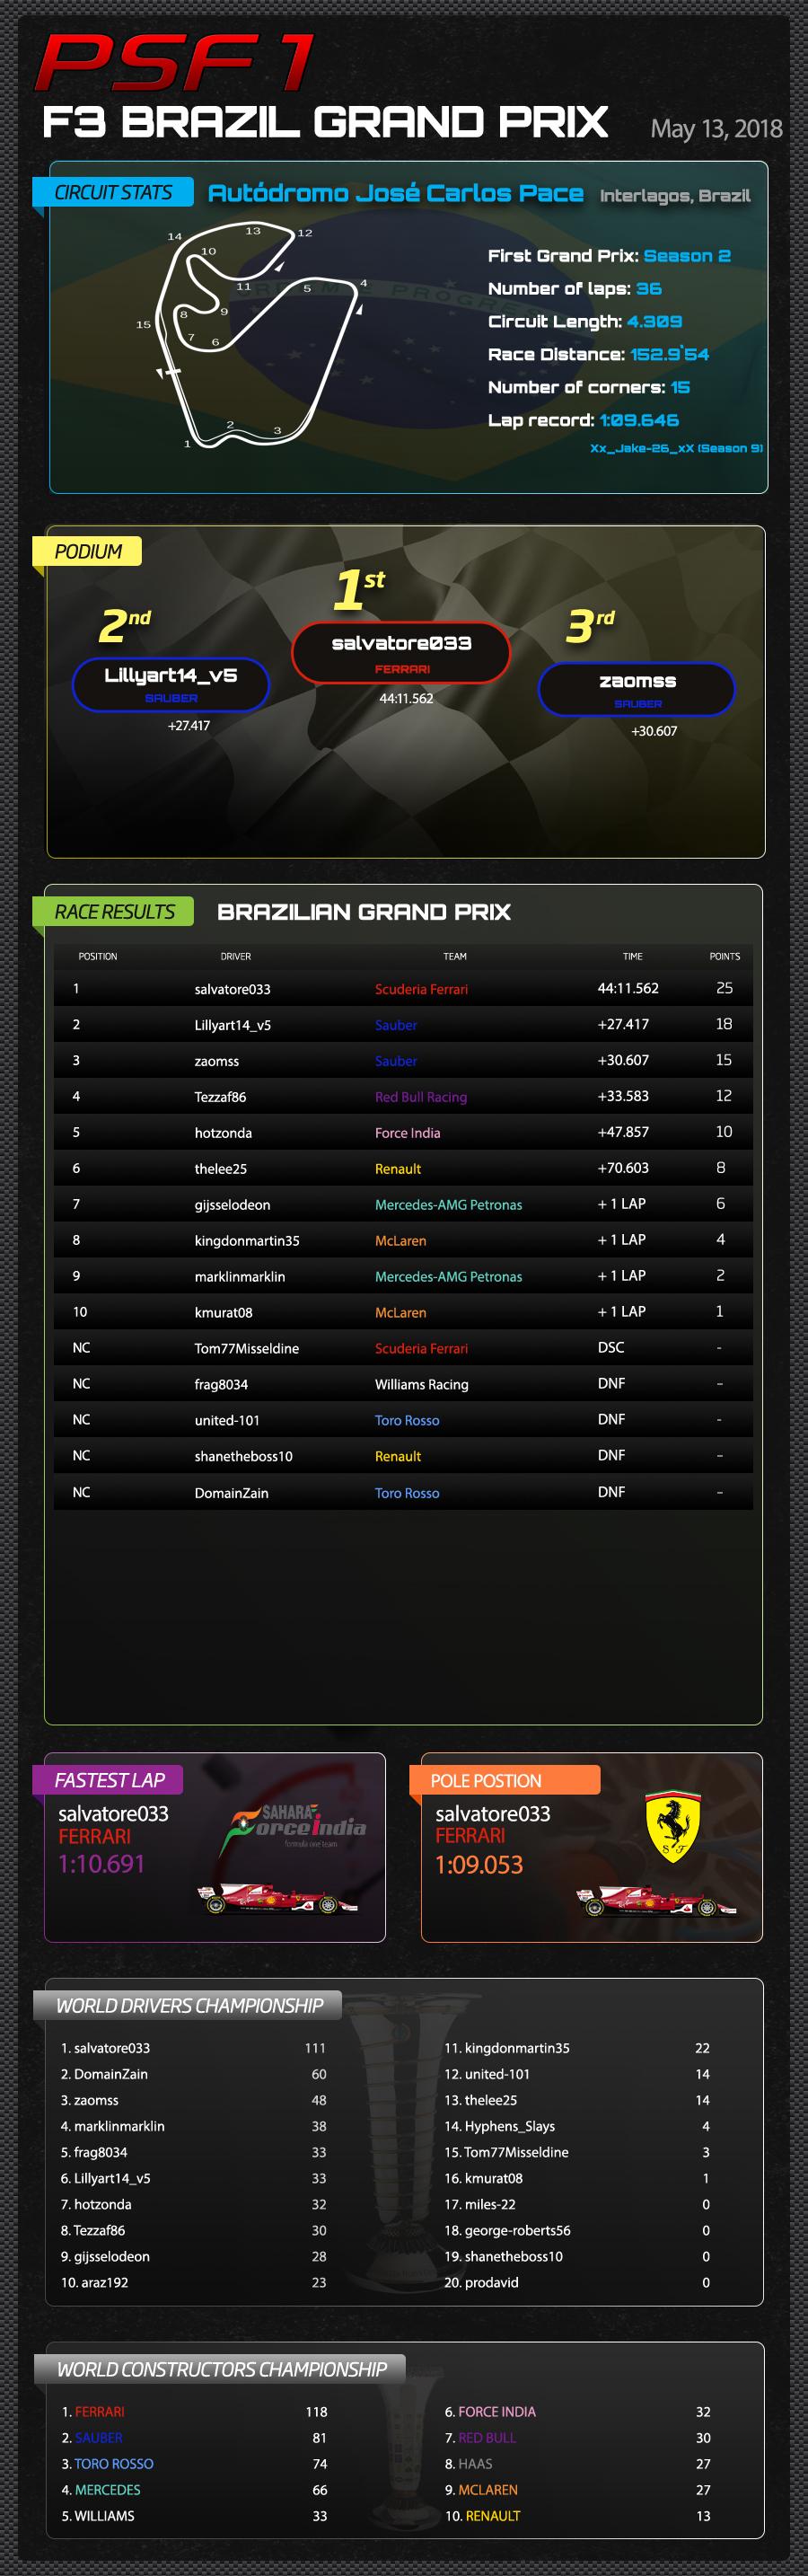 F3 BRAZIL RESULTS.jpg